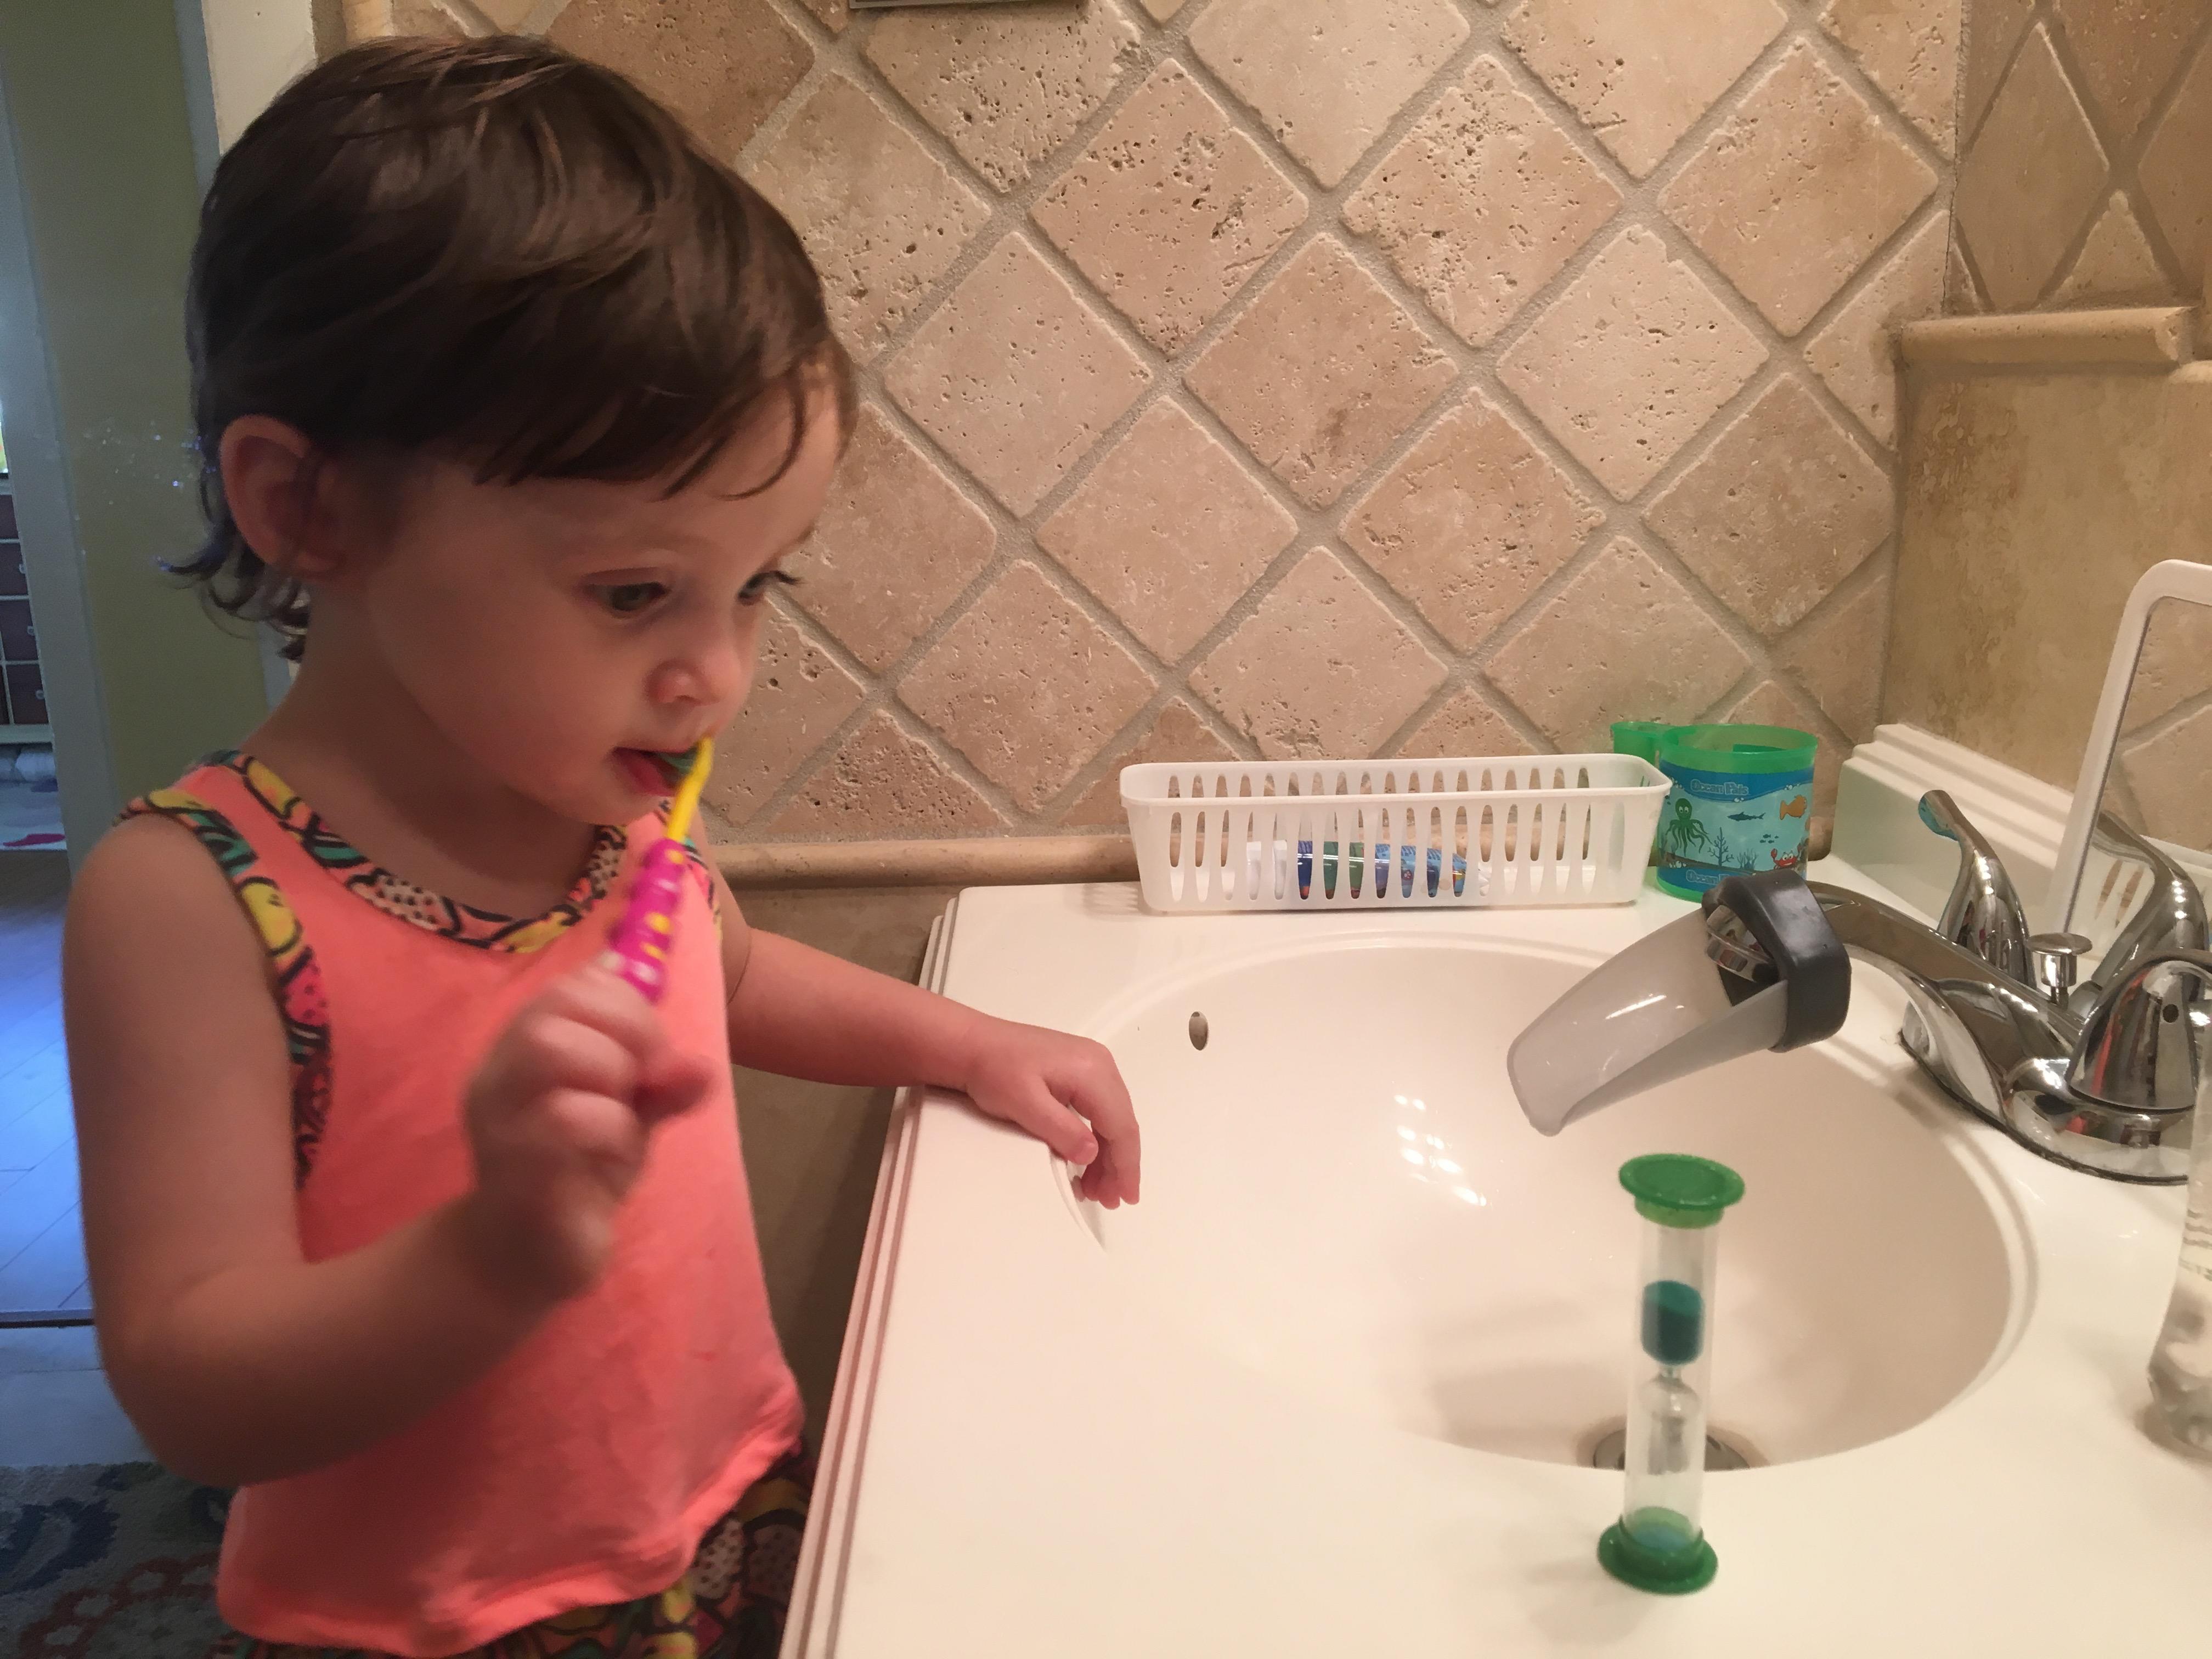 Montessori in the Home: The Bathroom